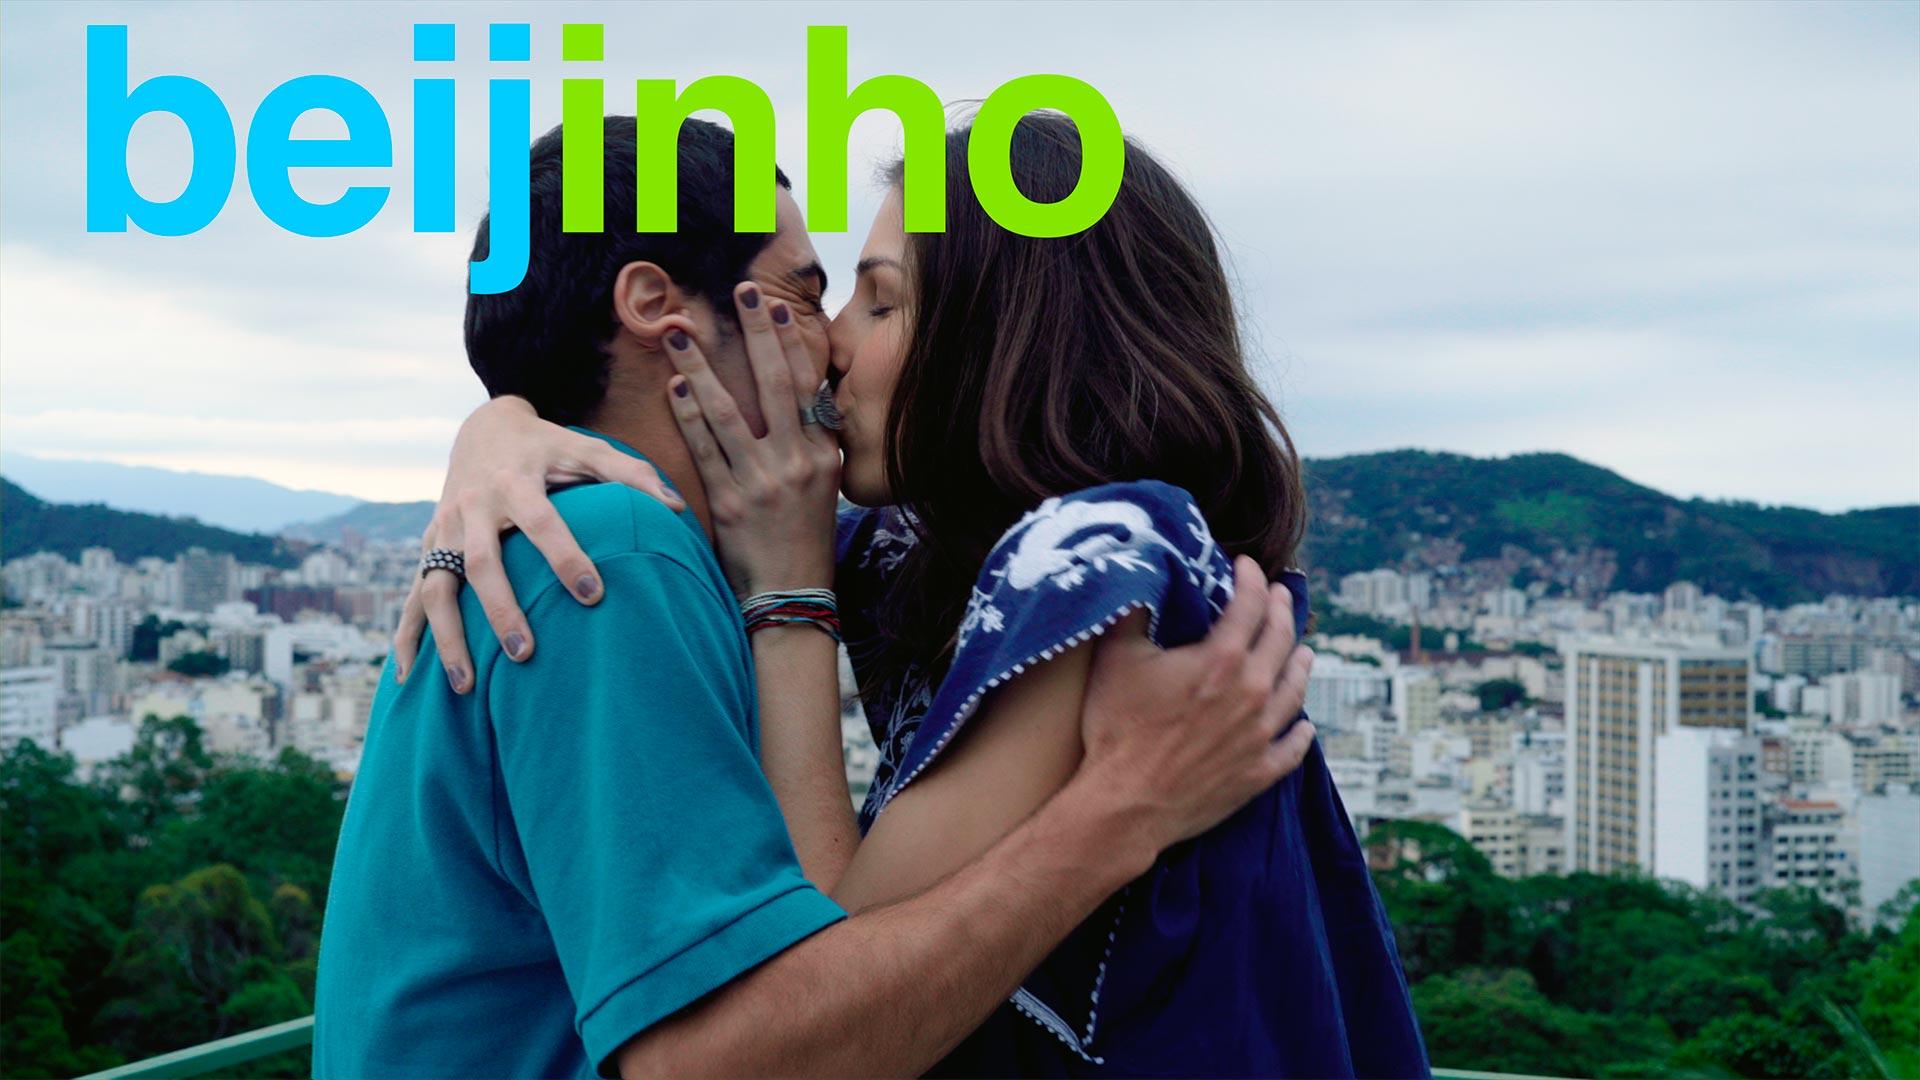 Learn Brazilian Portuguese By Semantica